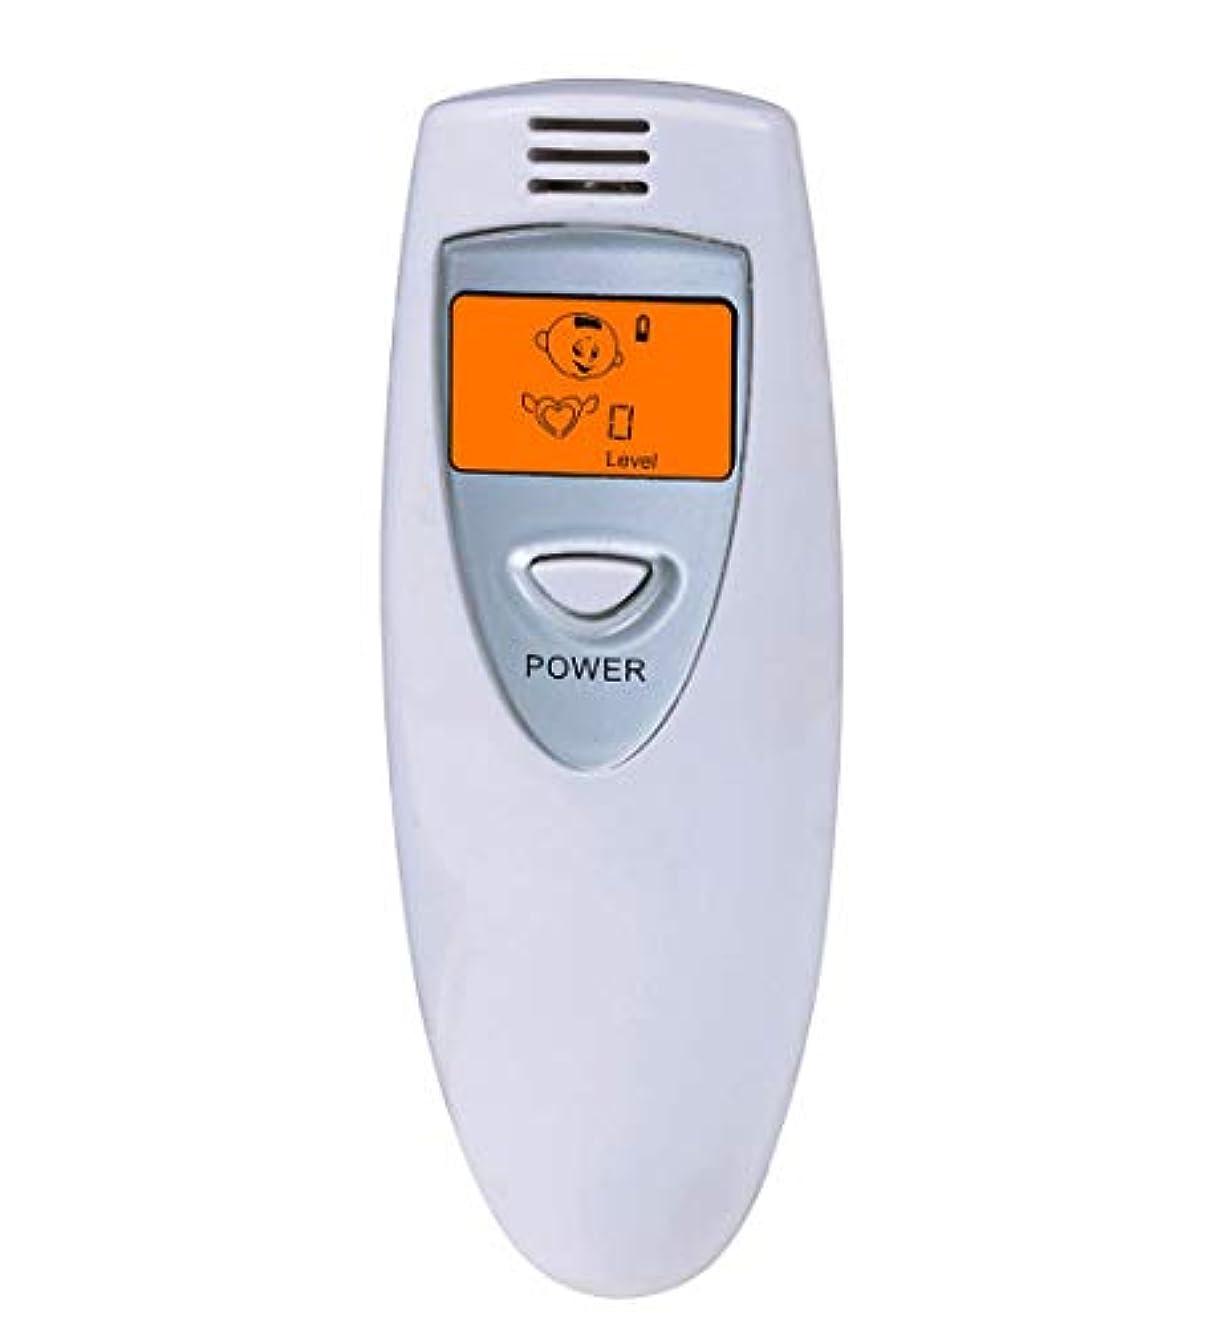 主観的スピン大学【瞬時測定】 携帯ブレスチェッカー デジタル口臭チェッカー 5段階レベル表示 コンパークト口臭予防検査器 大人子供エチケット (Grey)